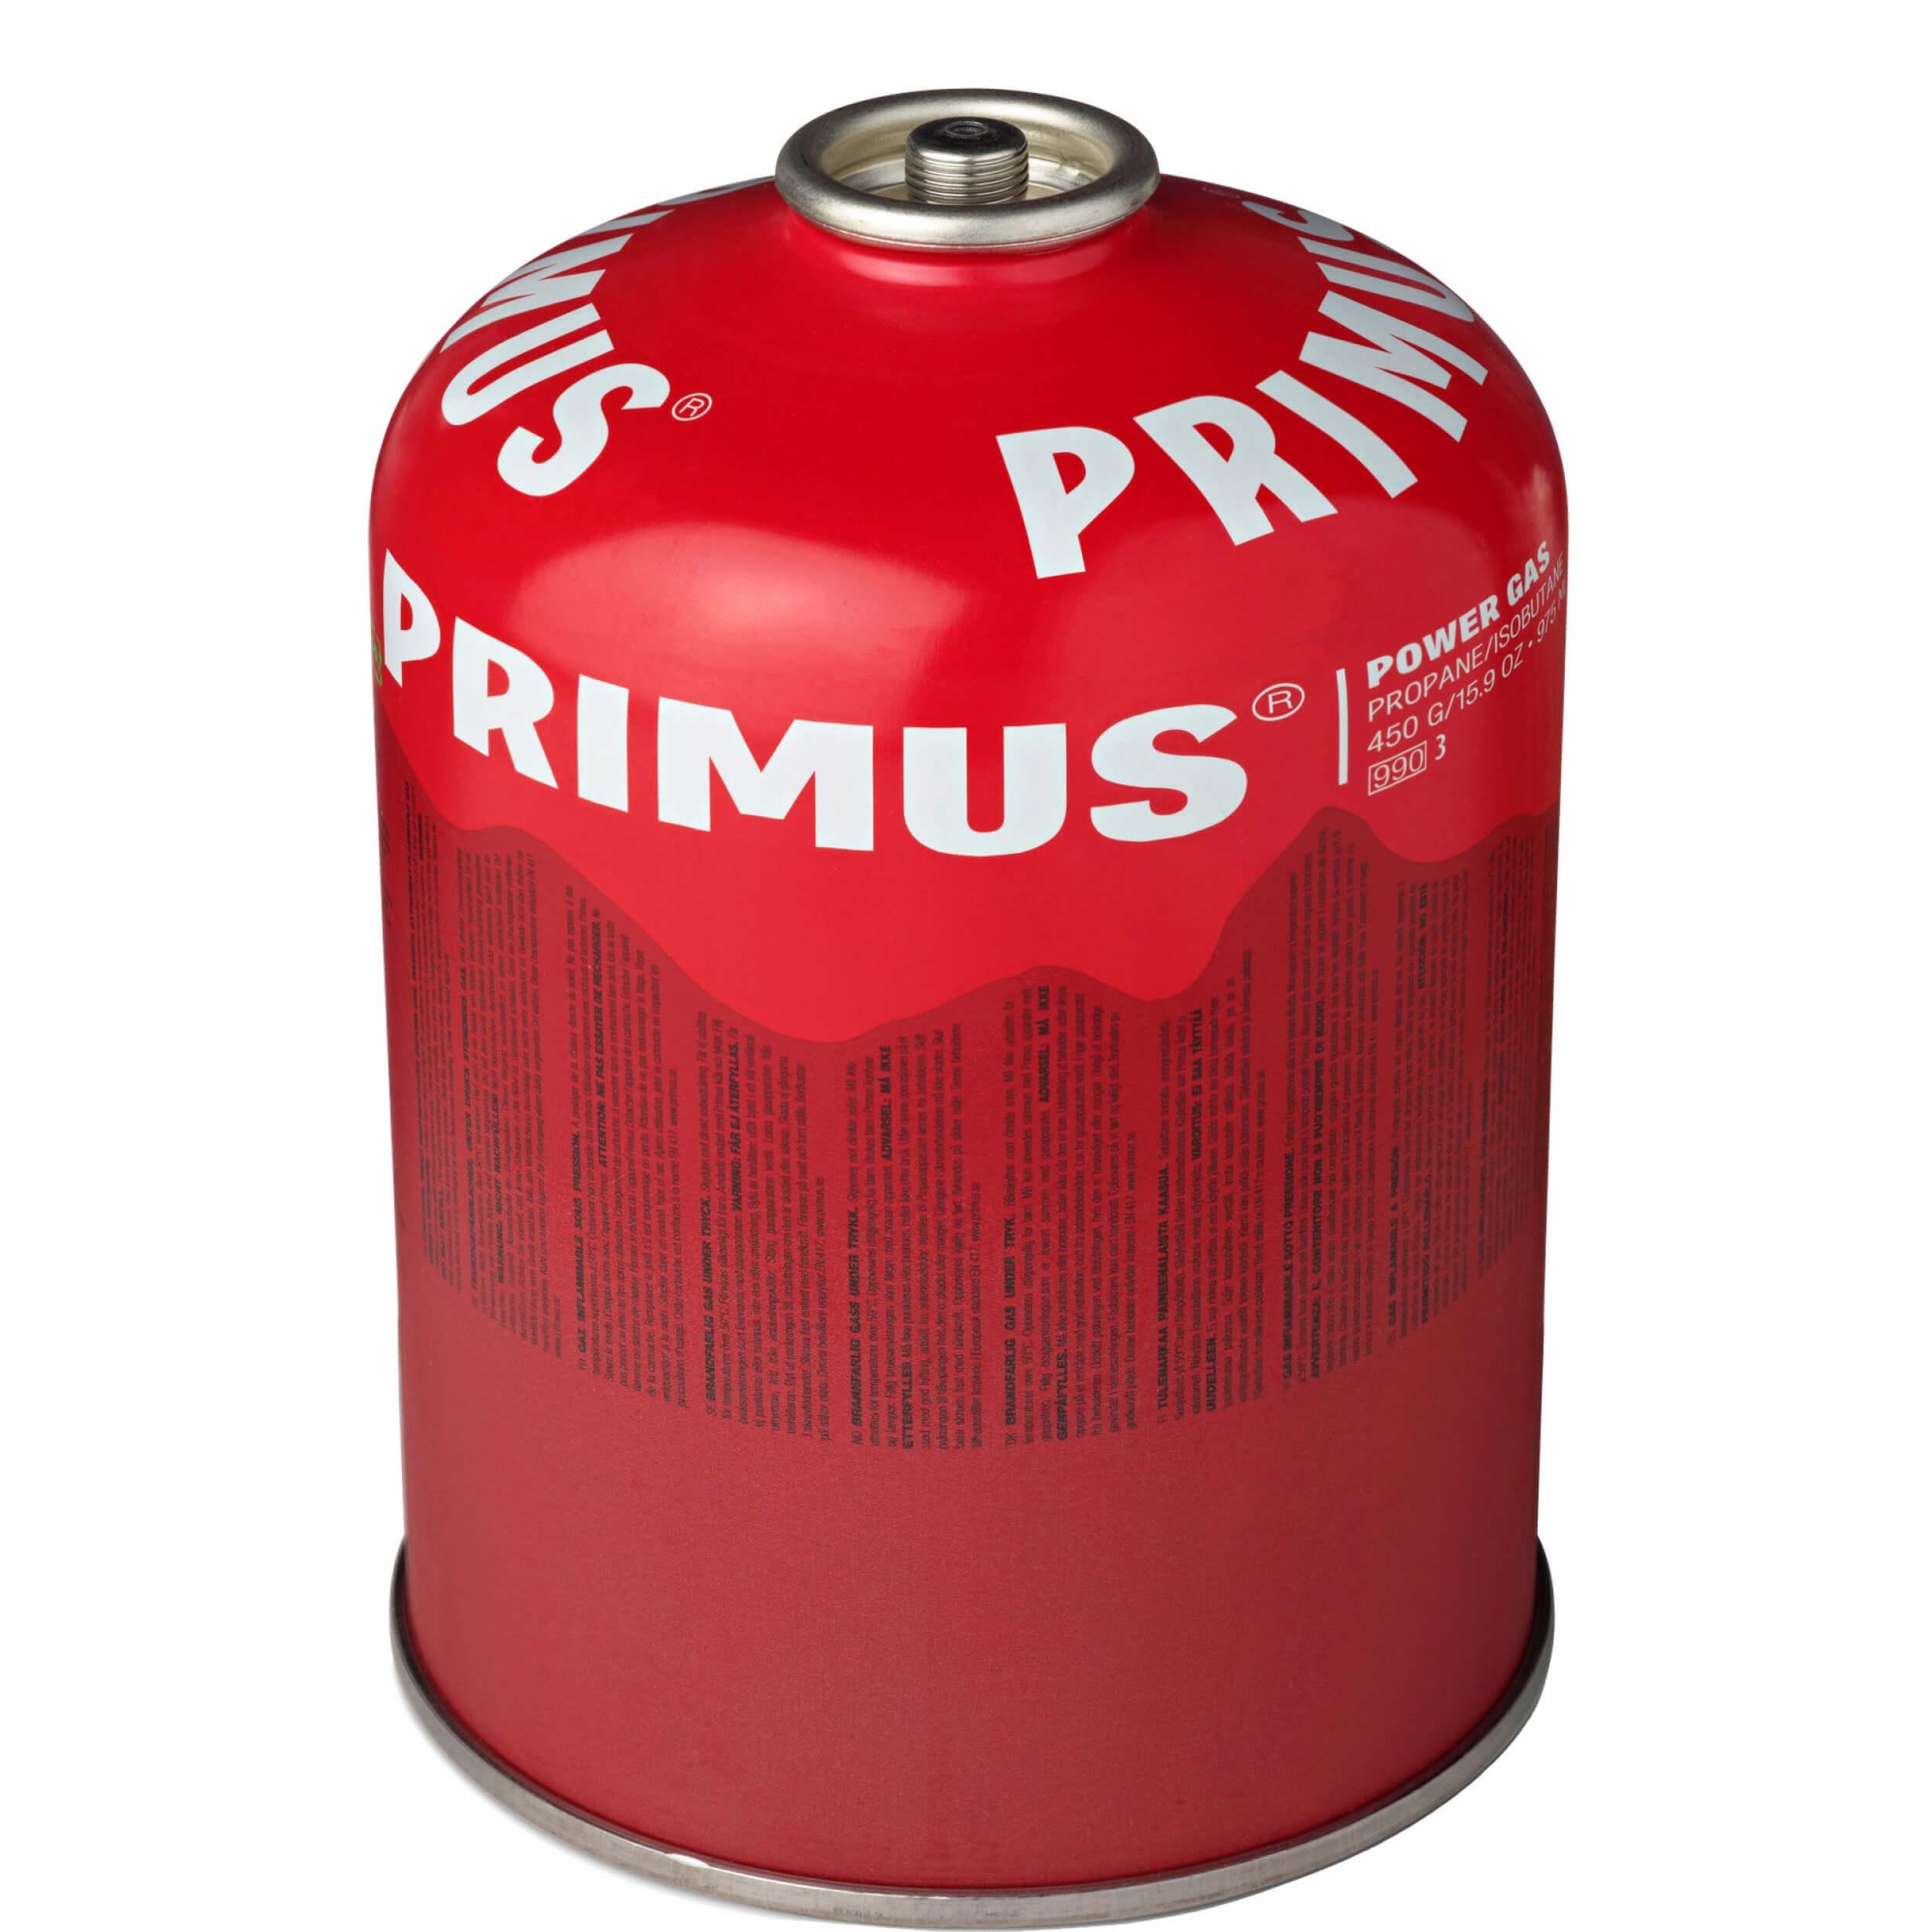 Primus Power Gas Schraubkartusche 450 g